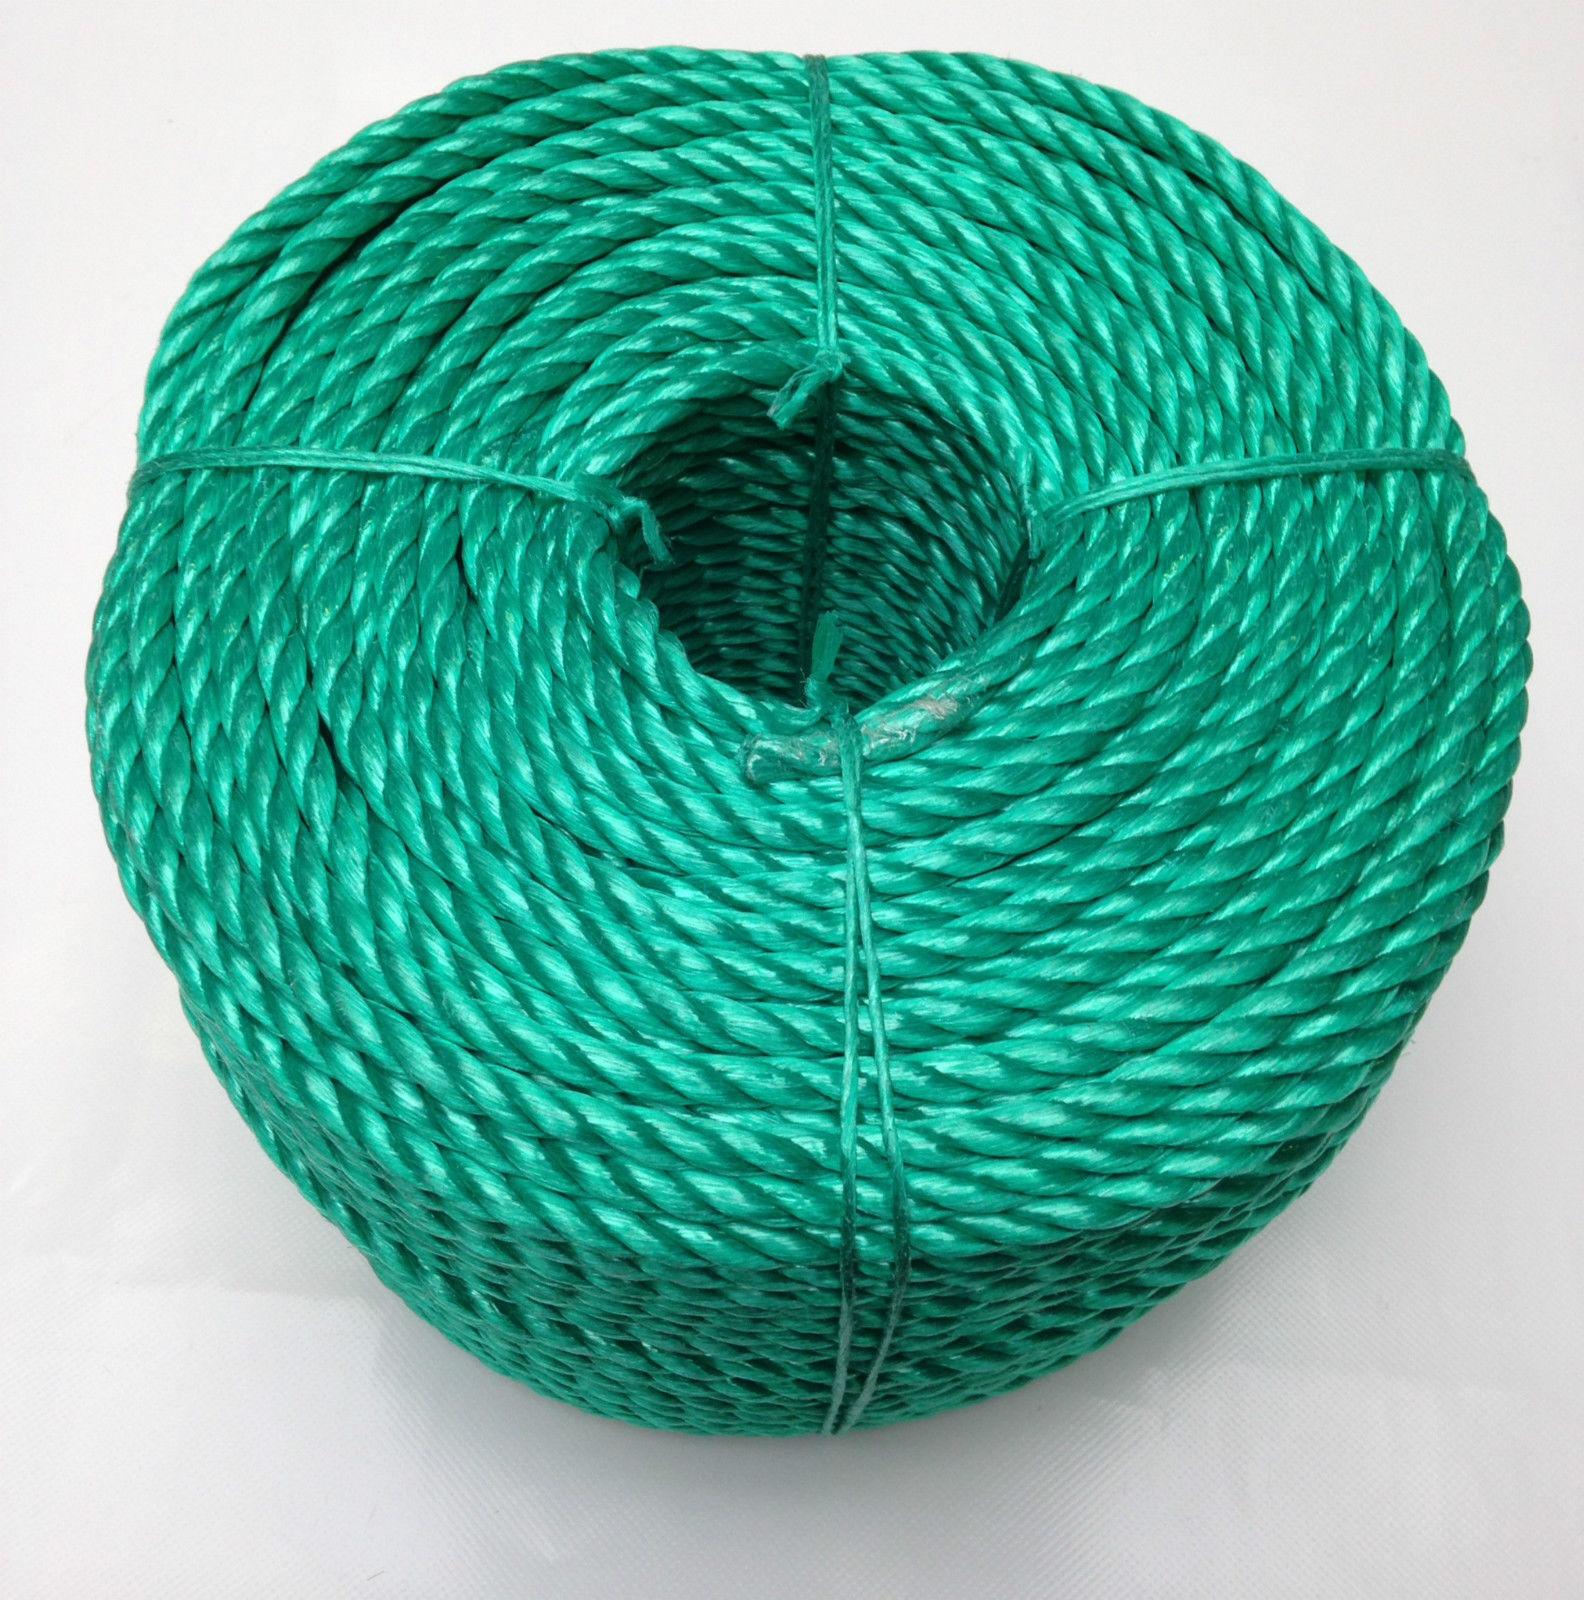 14mm x 220 MTS, grün Poly-Seil Rollen,Poly-Seil ,Polypropylen Seil,Camping